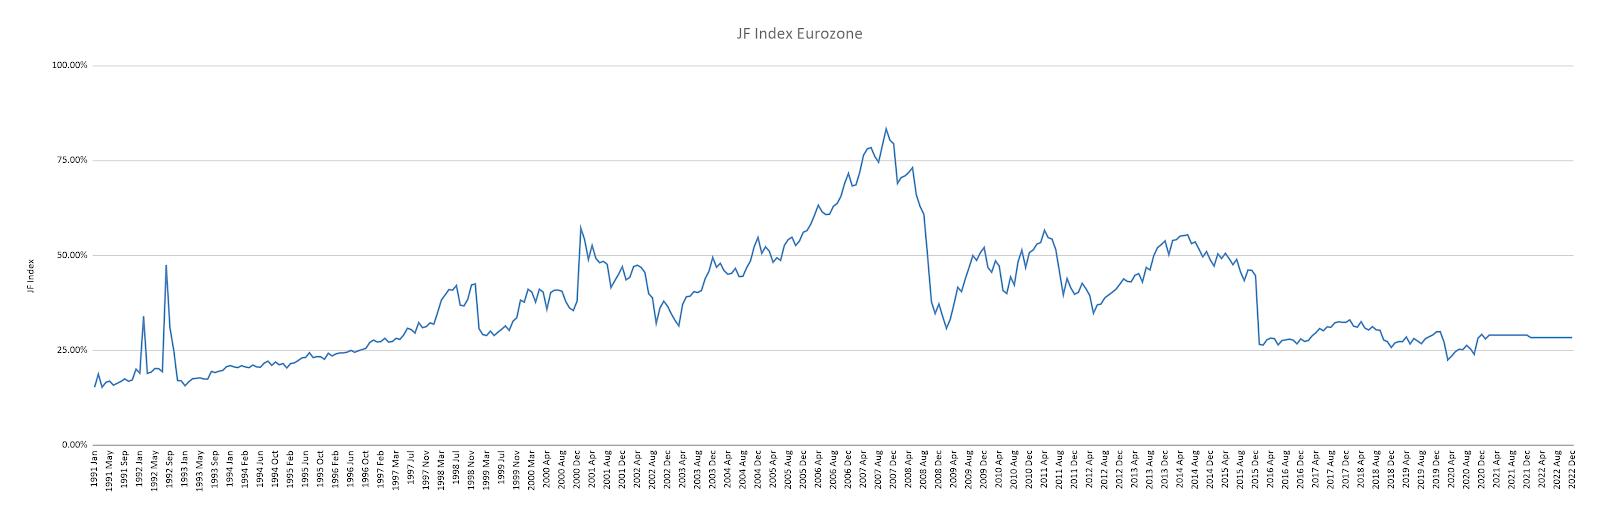 Buffet indicator en zone euro corrigé de la masse monétaire